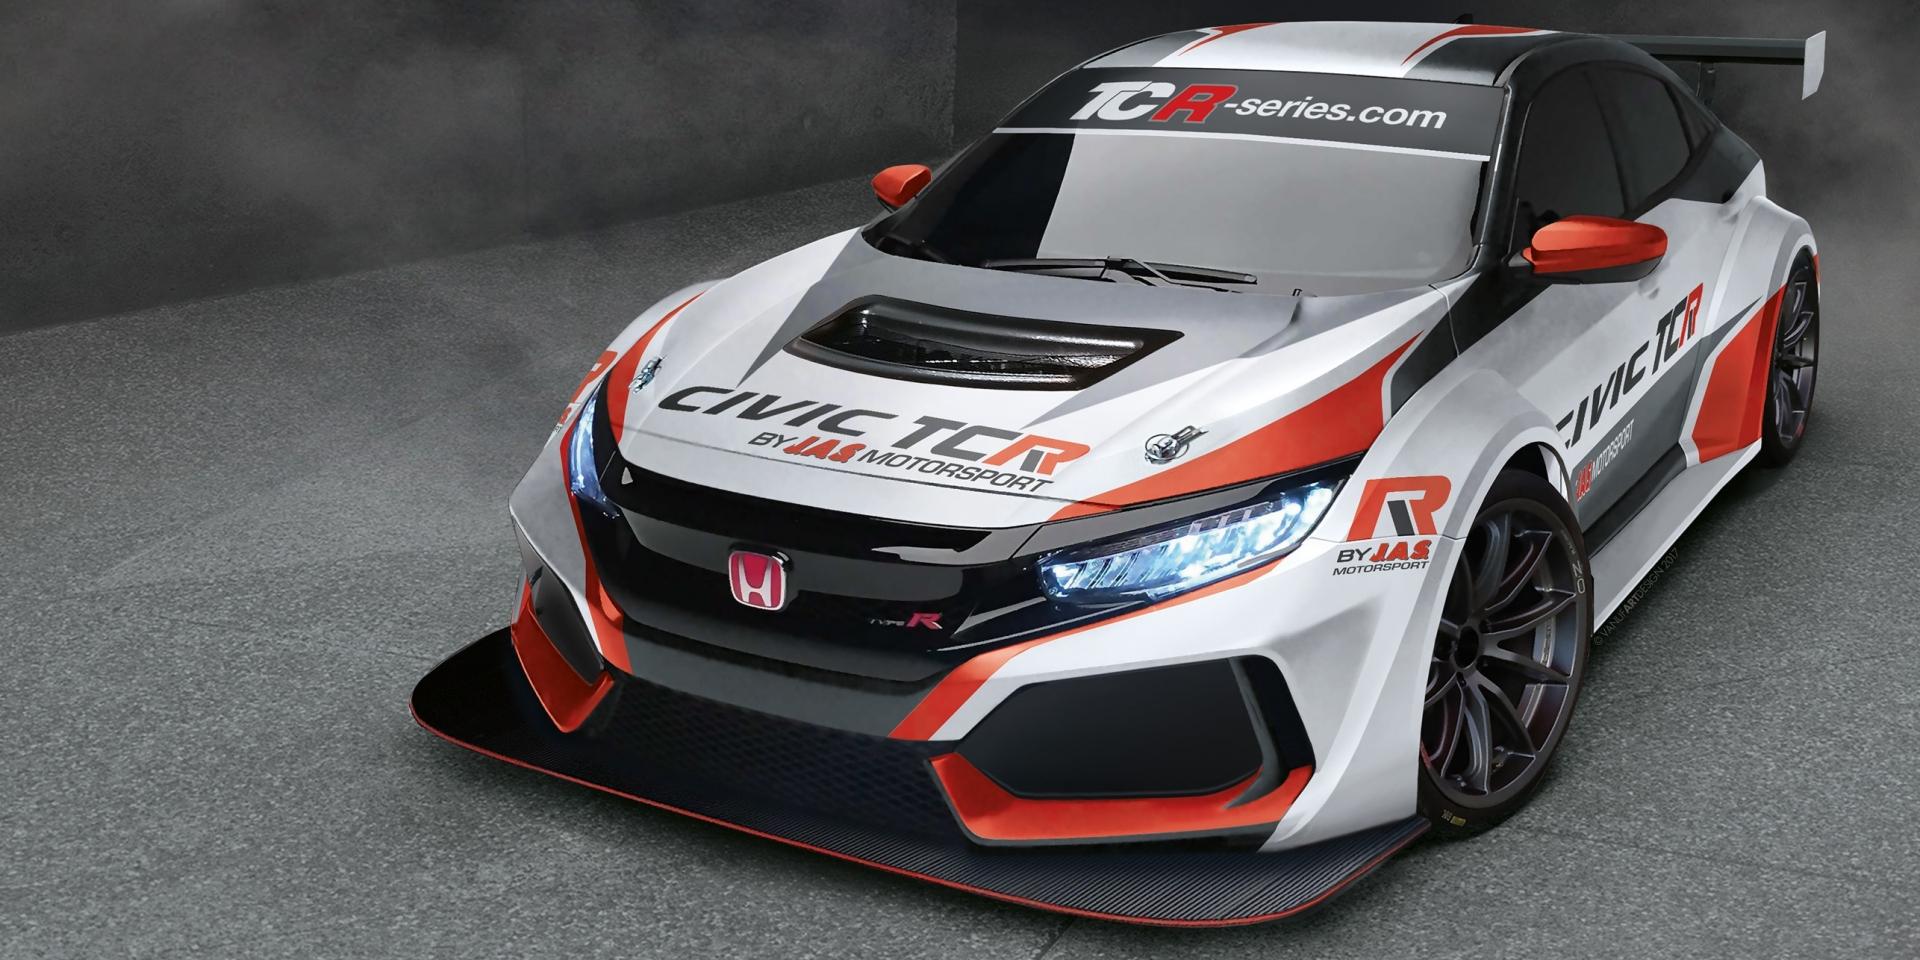 走向群眾走向賽車場 十代Honda Civic Type R將參戰TCR房車賽